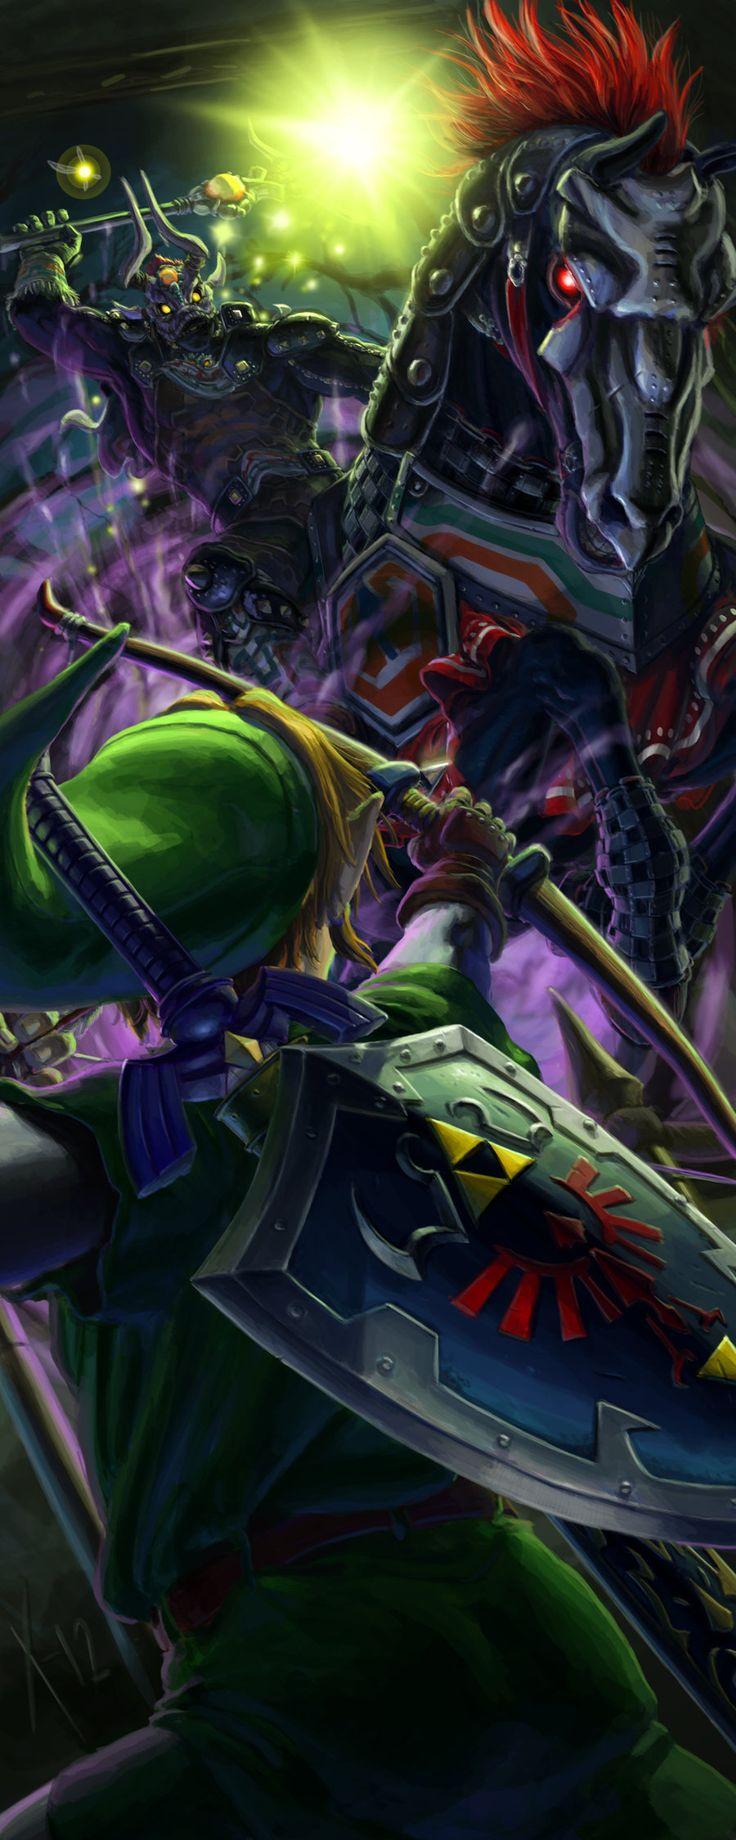 Link vs Phantom Ganon by Txikimorin on deviantART | The Legend of Zelda